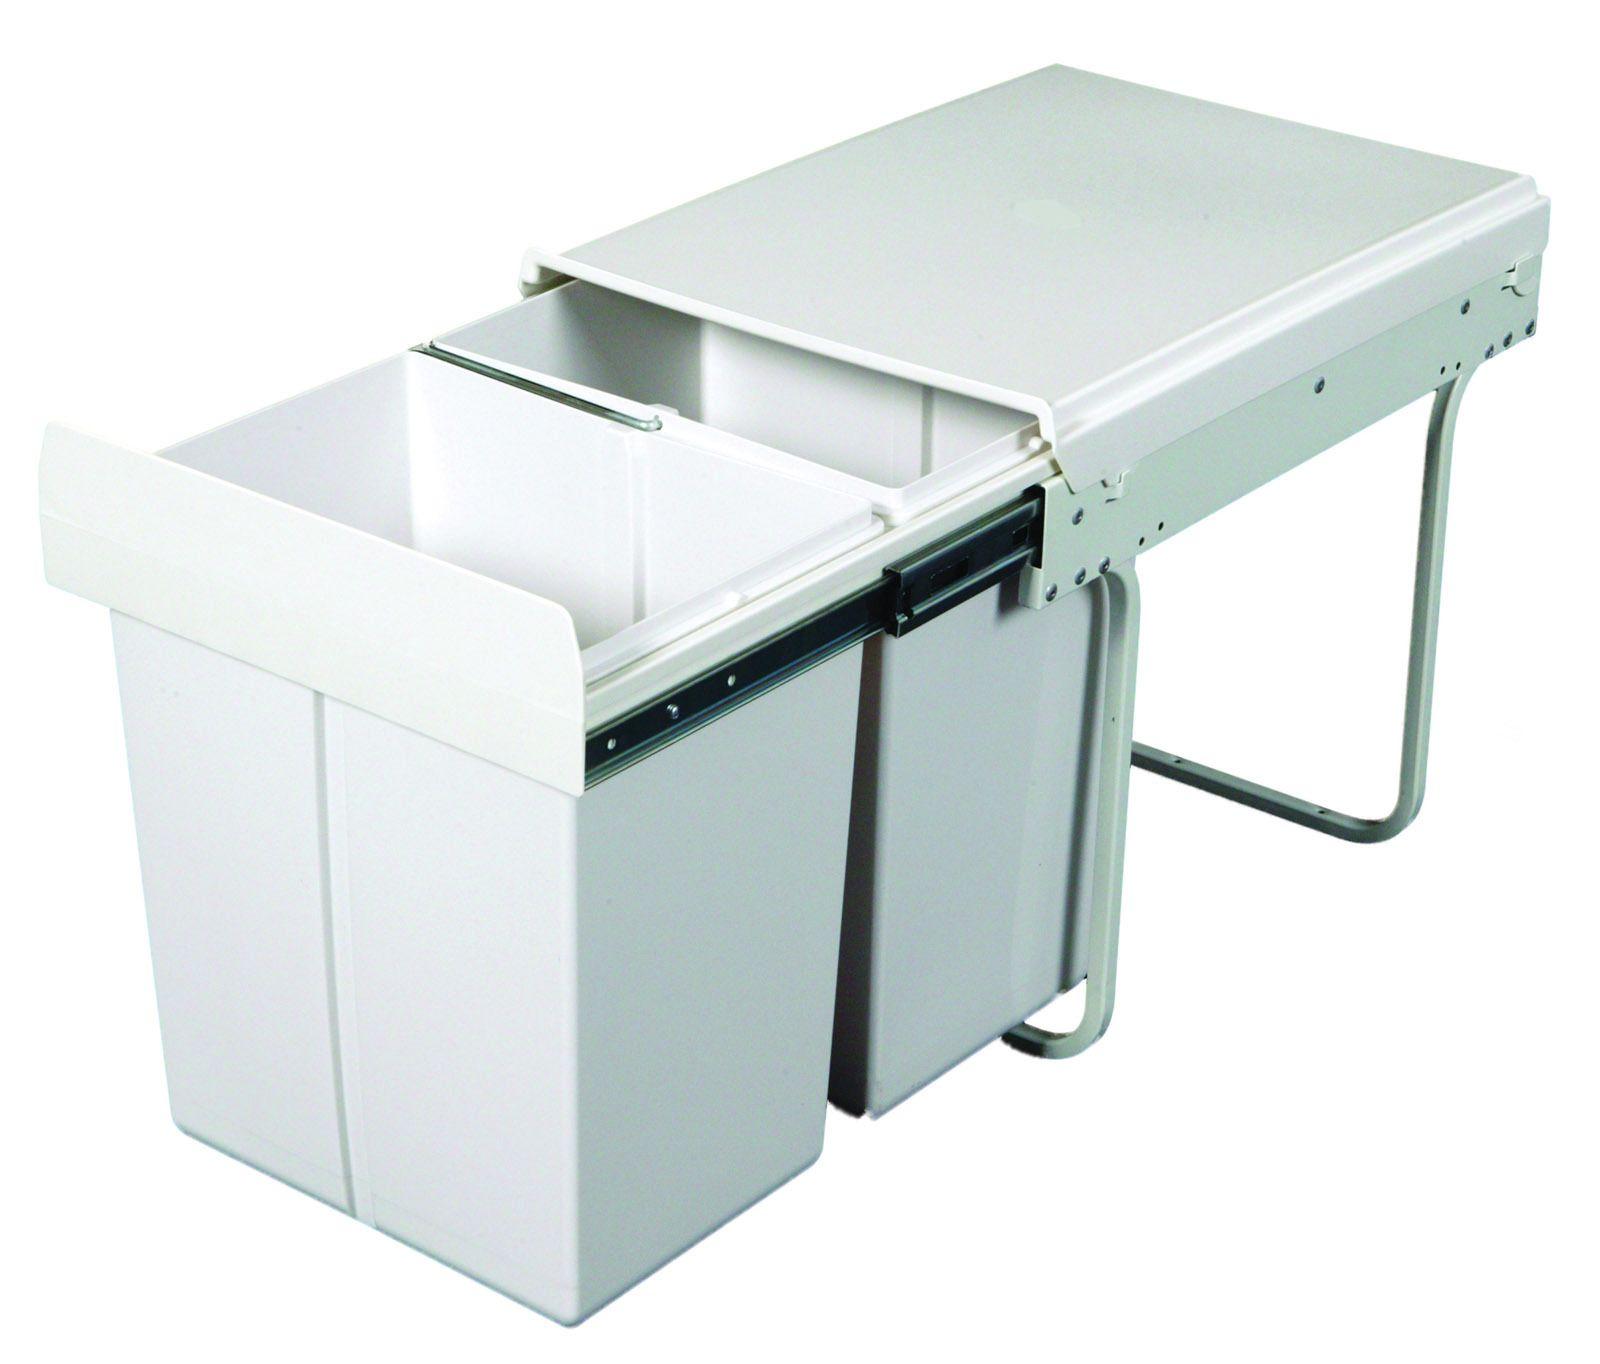 KRB31 - 40L Twin Slide Out Kitchen Waste Bin | Dustbin storage ...